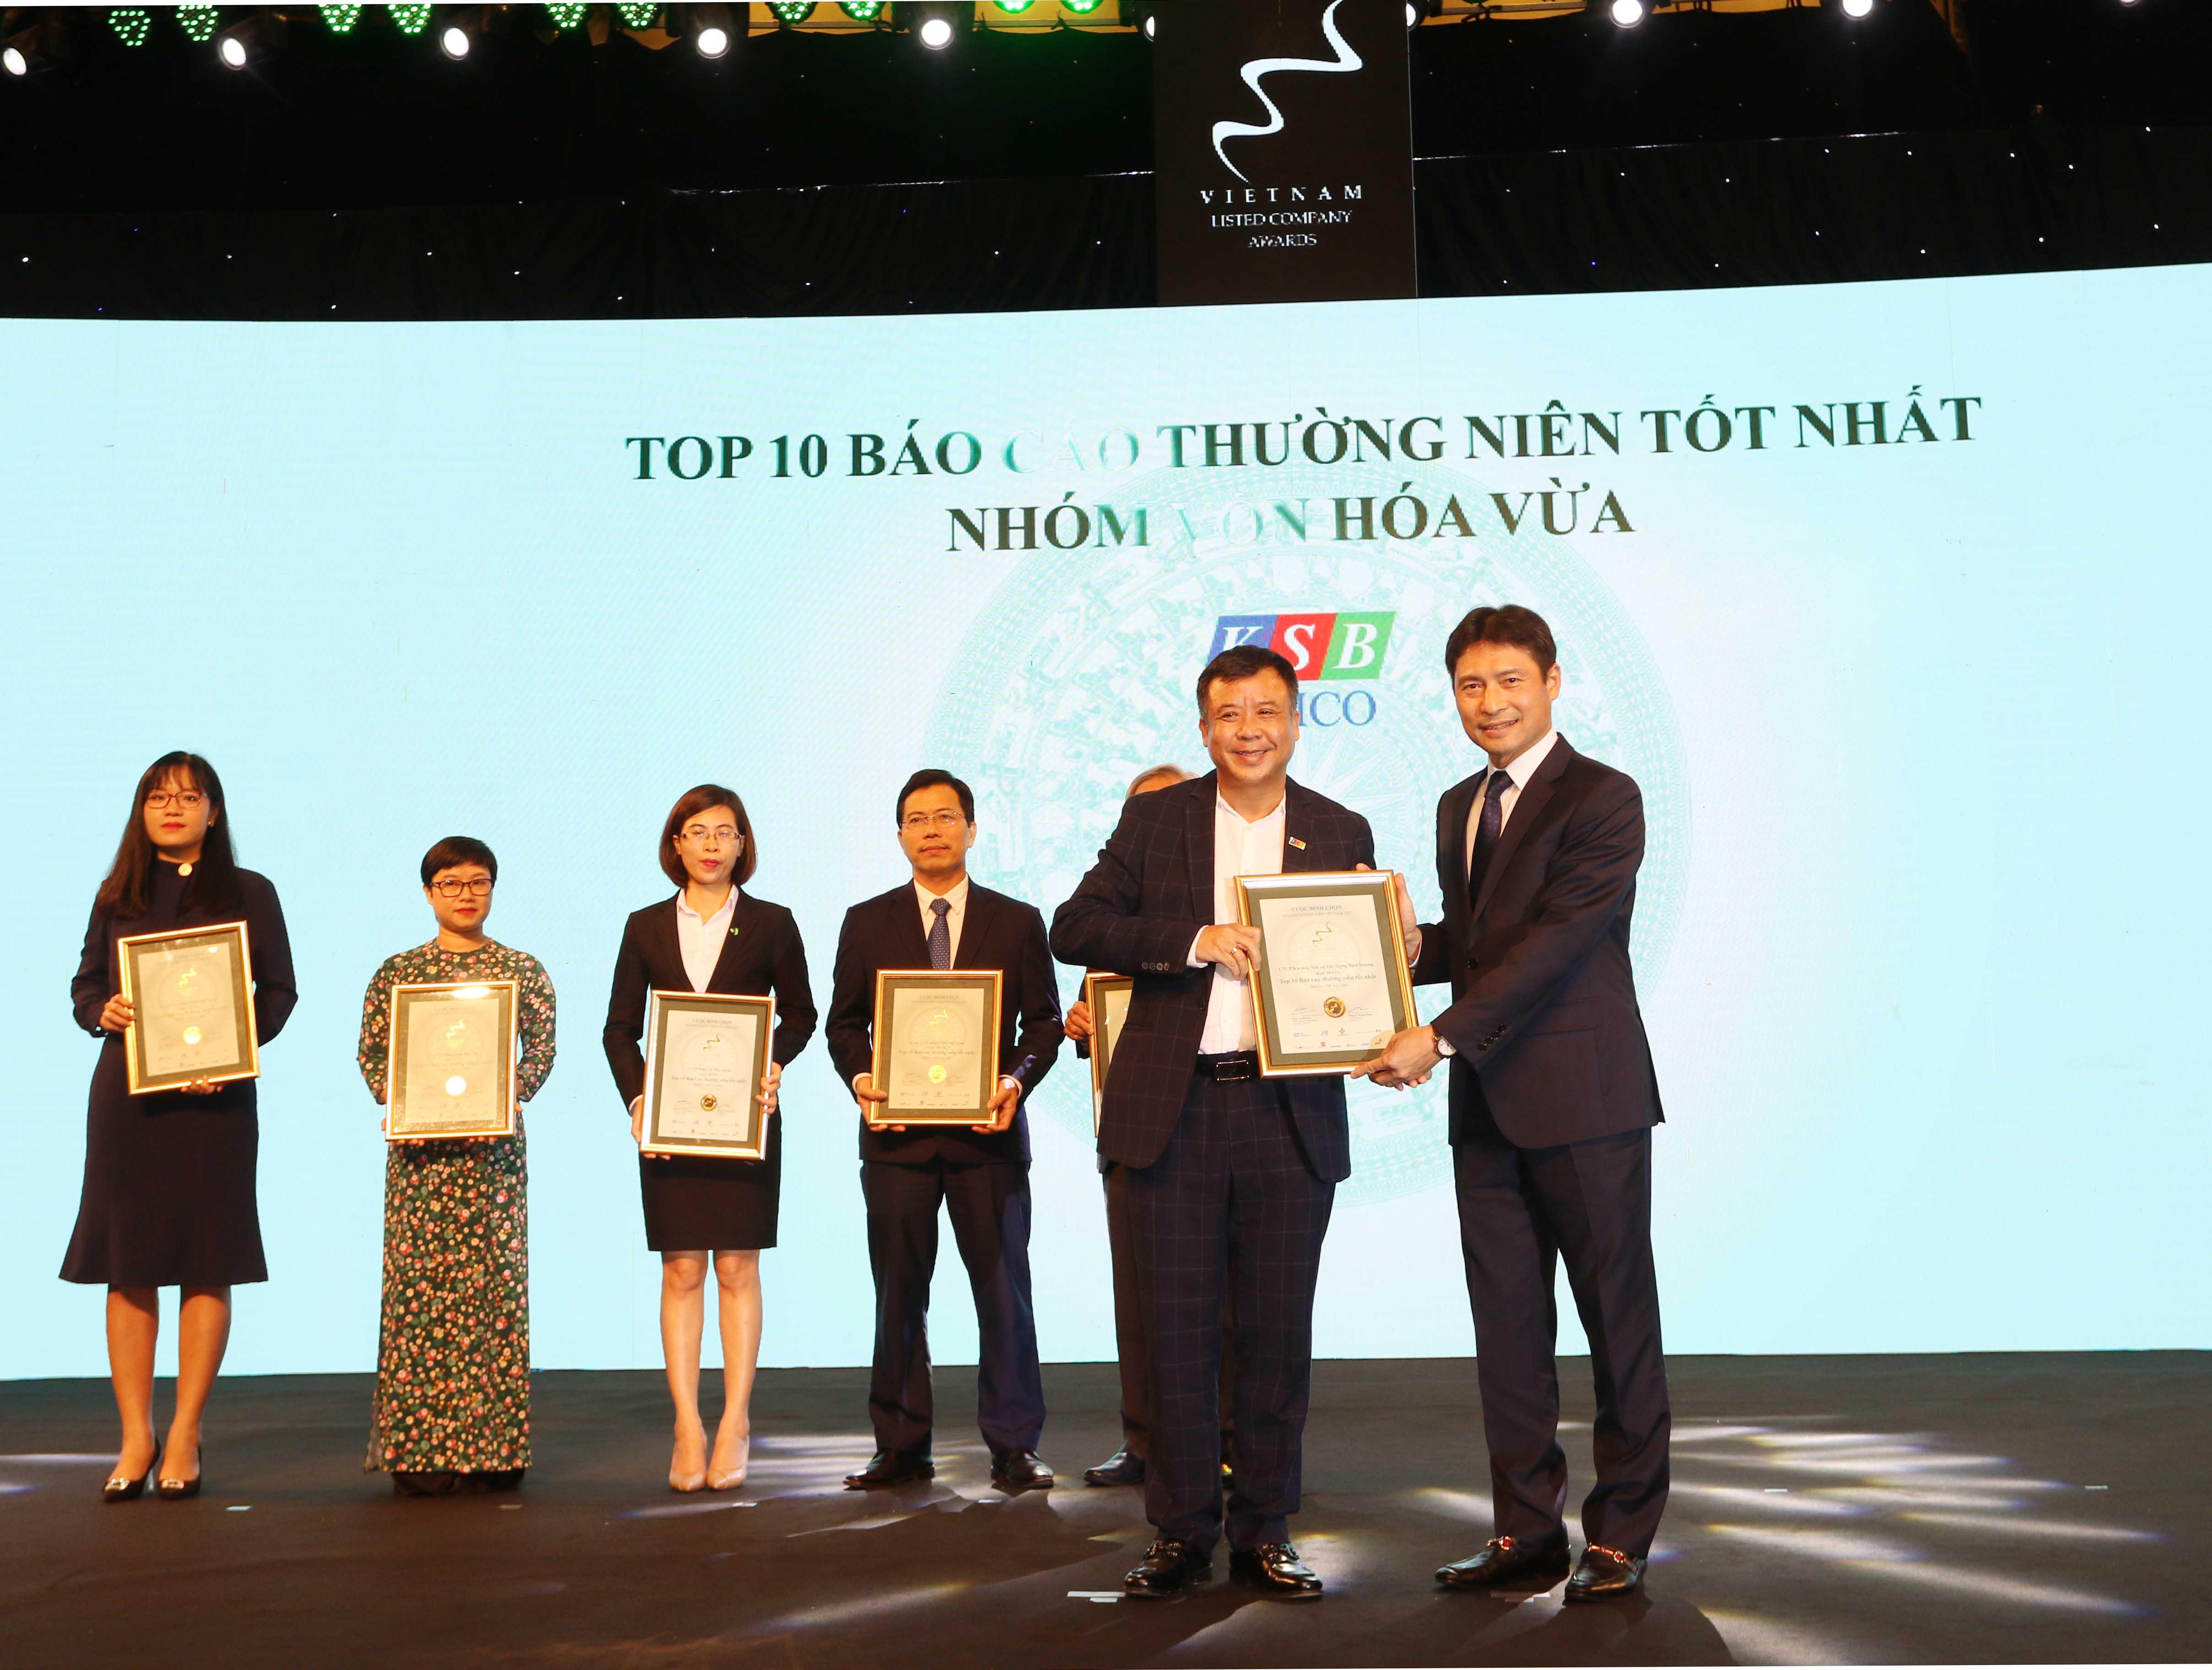 https://www.aravietnam.vn/wp-content/uploads/2020/12/19_Dại-diện-KSB-nhận-TOP-10-nhóm-vốn-hóa-vừa-có-BCTN-tốt-nhất..jpg